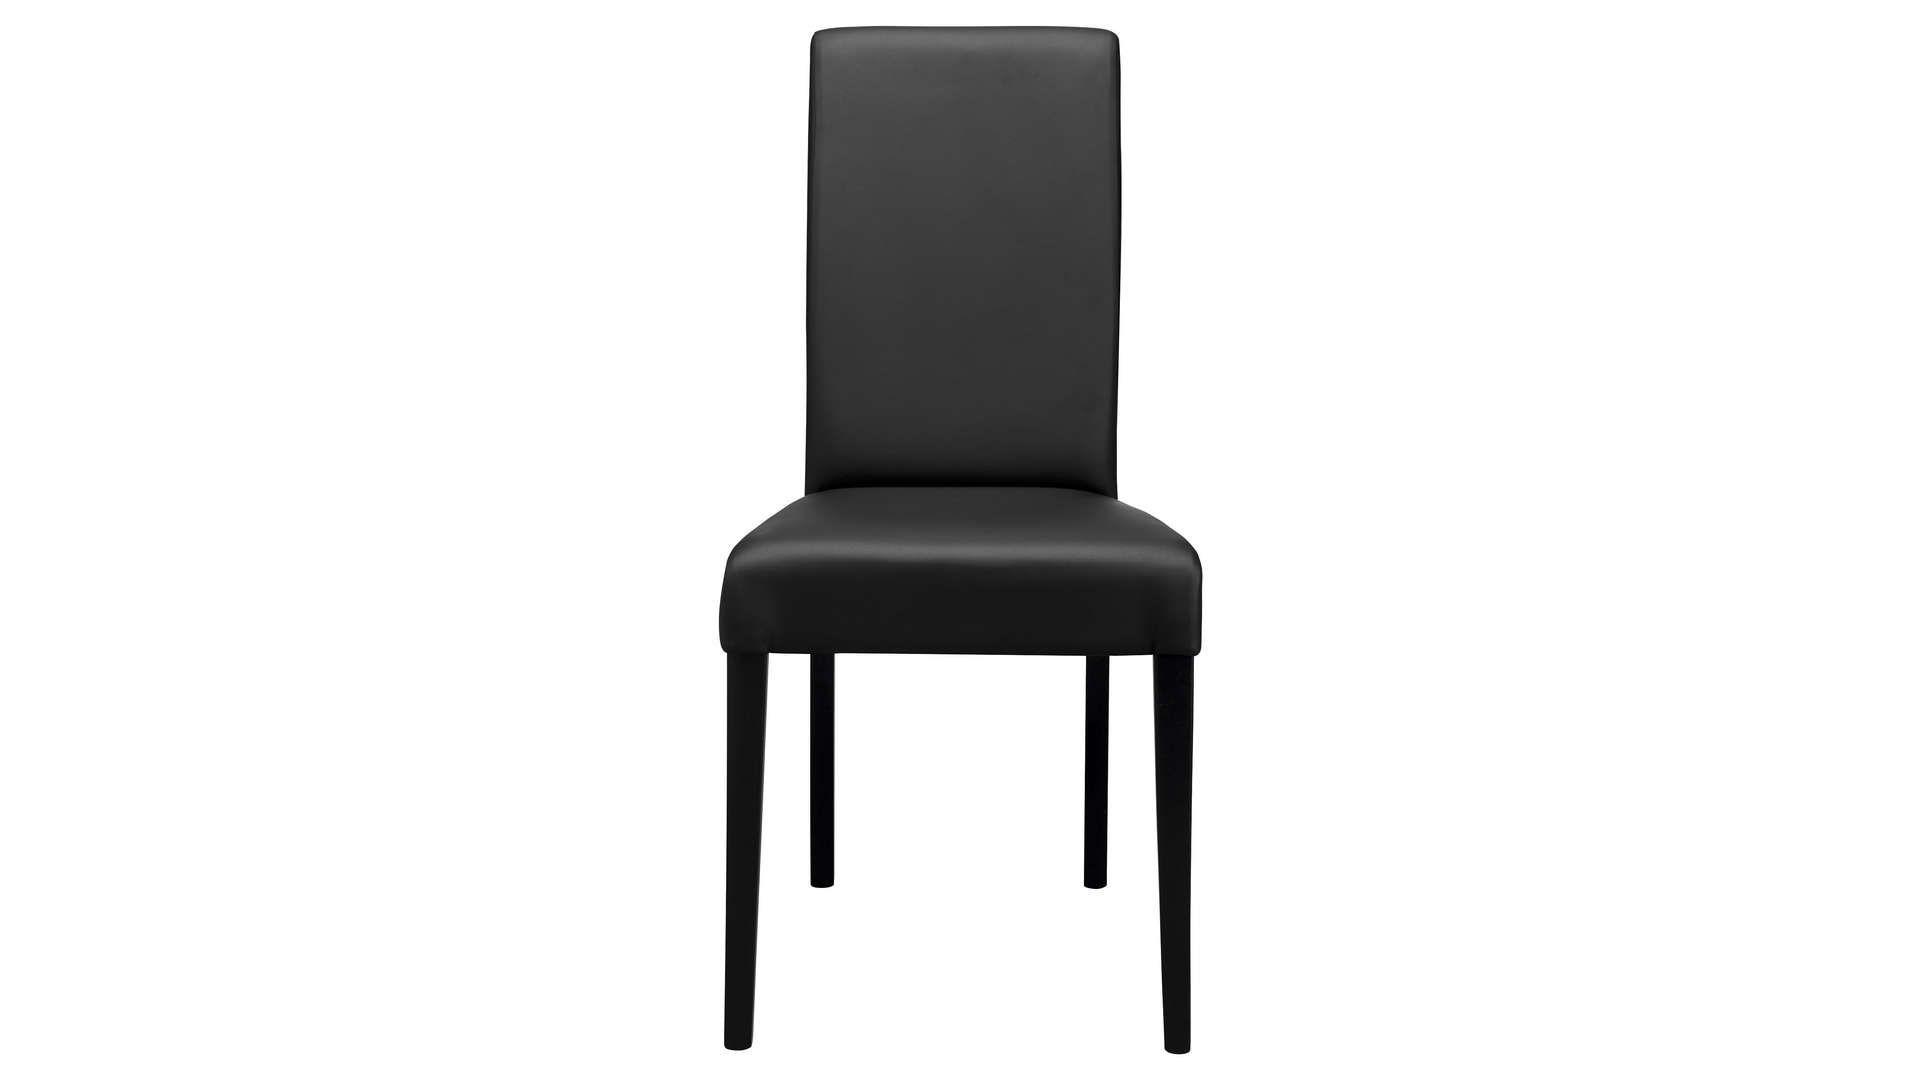 Chaise Boston Coloris Noir En 2020 Chaise Chaise Empilable Et Conforama